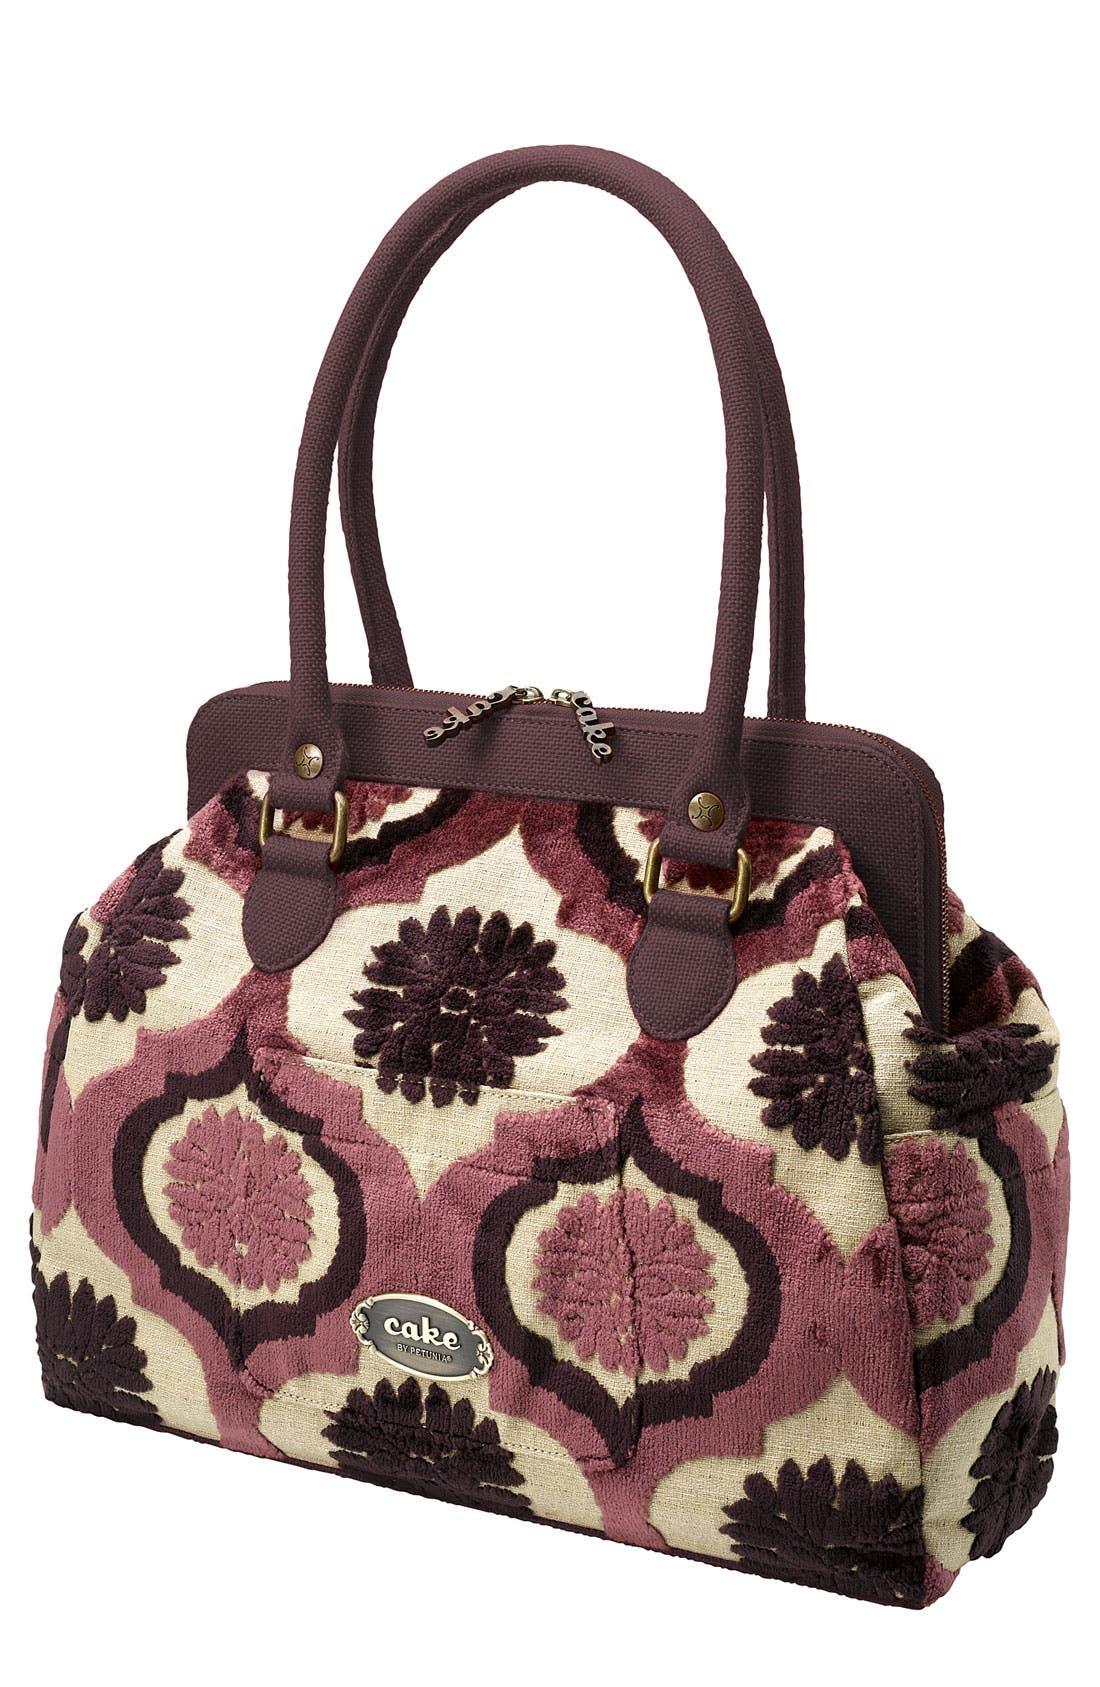 Alternate Image 1 Selected - Petunia Pickle Bottom 'Cosmopolitan Carryall' Diaper Bag